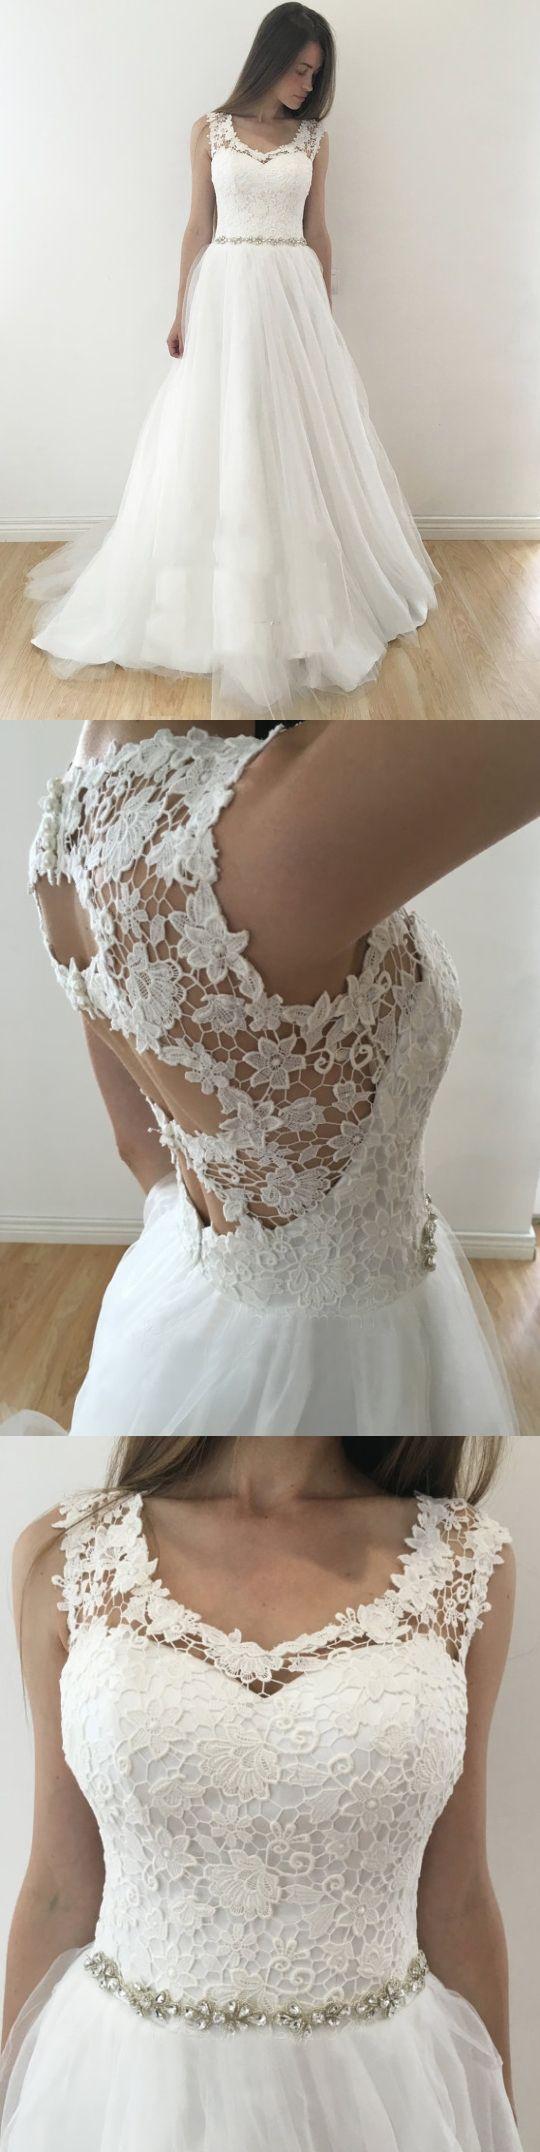 d065d66f51 Unique Wedding Dresses A-line Rhinestone Lace Long Chic Bridal Gown ...